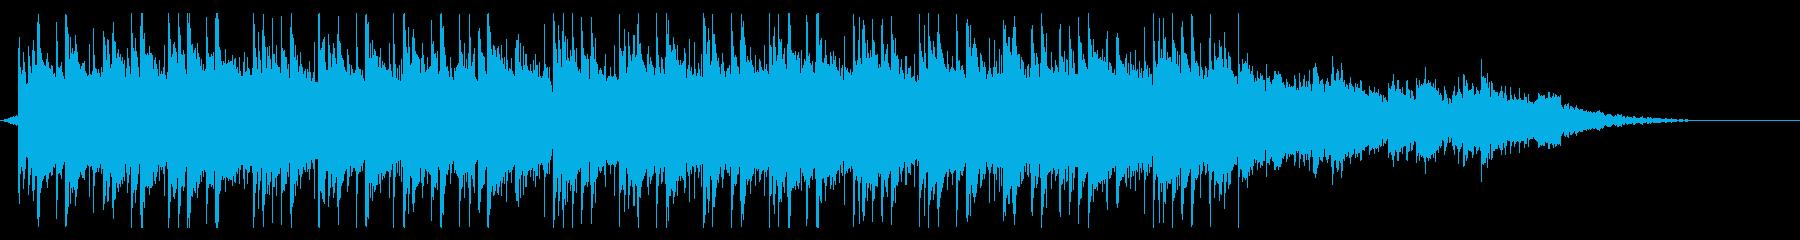 <60秒CM>誠実 感動 エンディングの再生済みの波形